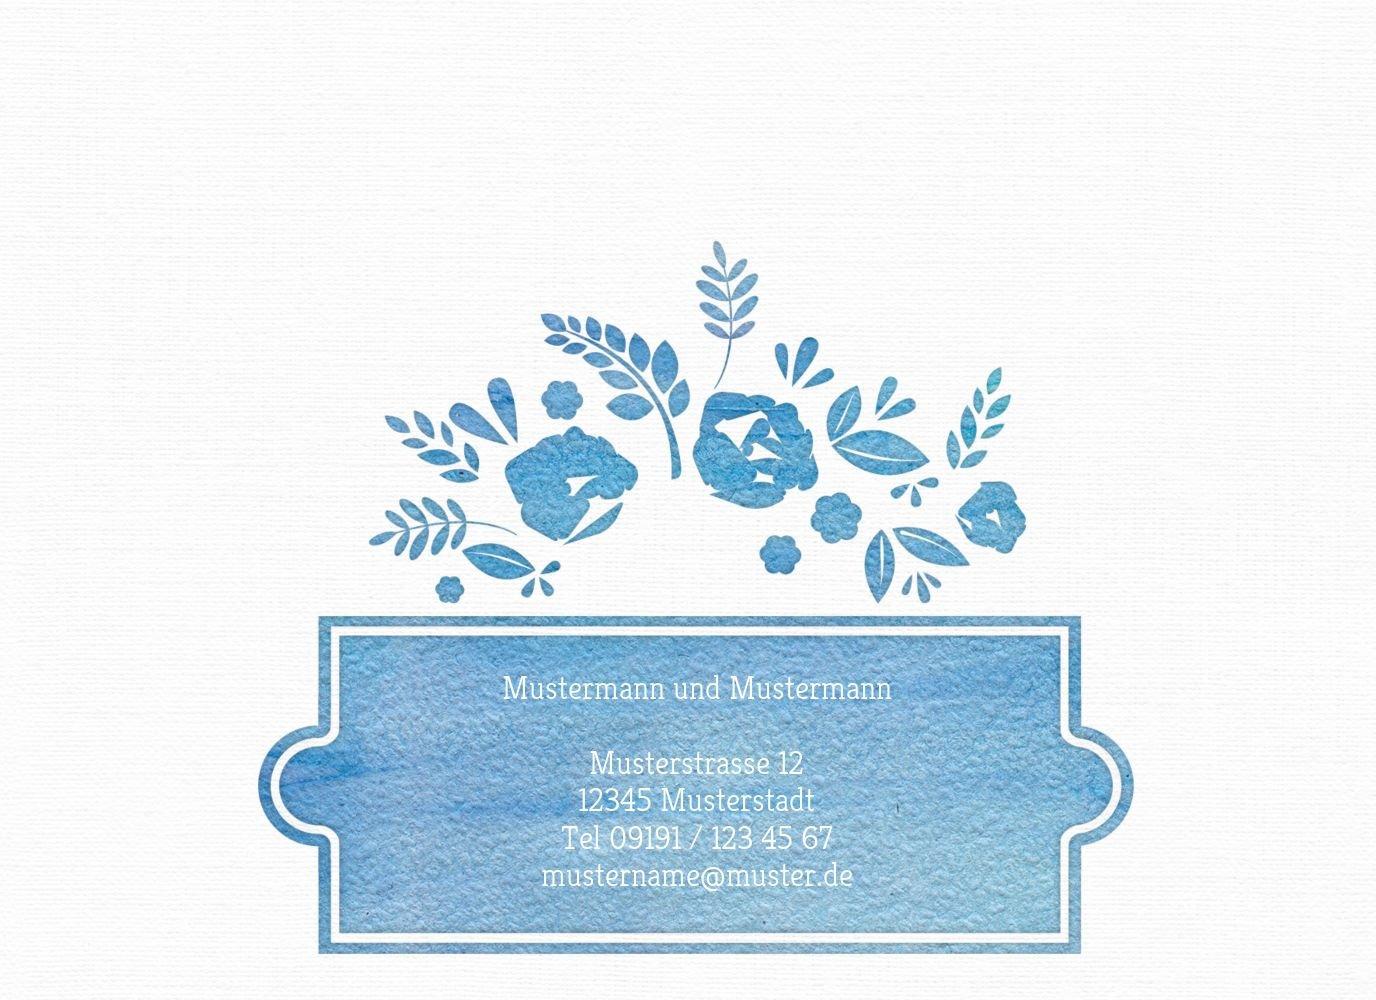 Hochzeit Dankeskarte Dankeskarte Dankeskarte Vogelpaar- Männer, 30 Karten, MattBlau B07B6QSFCW | Bestellungen Sind Willkommen  | Ausgezeichnet (in) Qualität  | Online Shop Europe  4fbf18